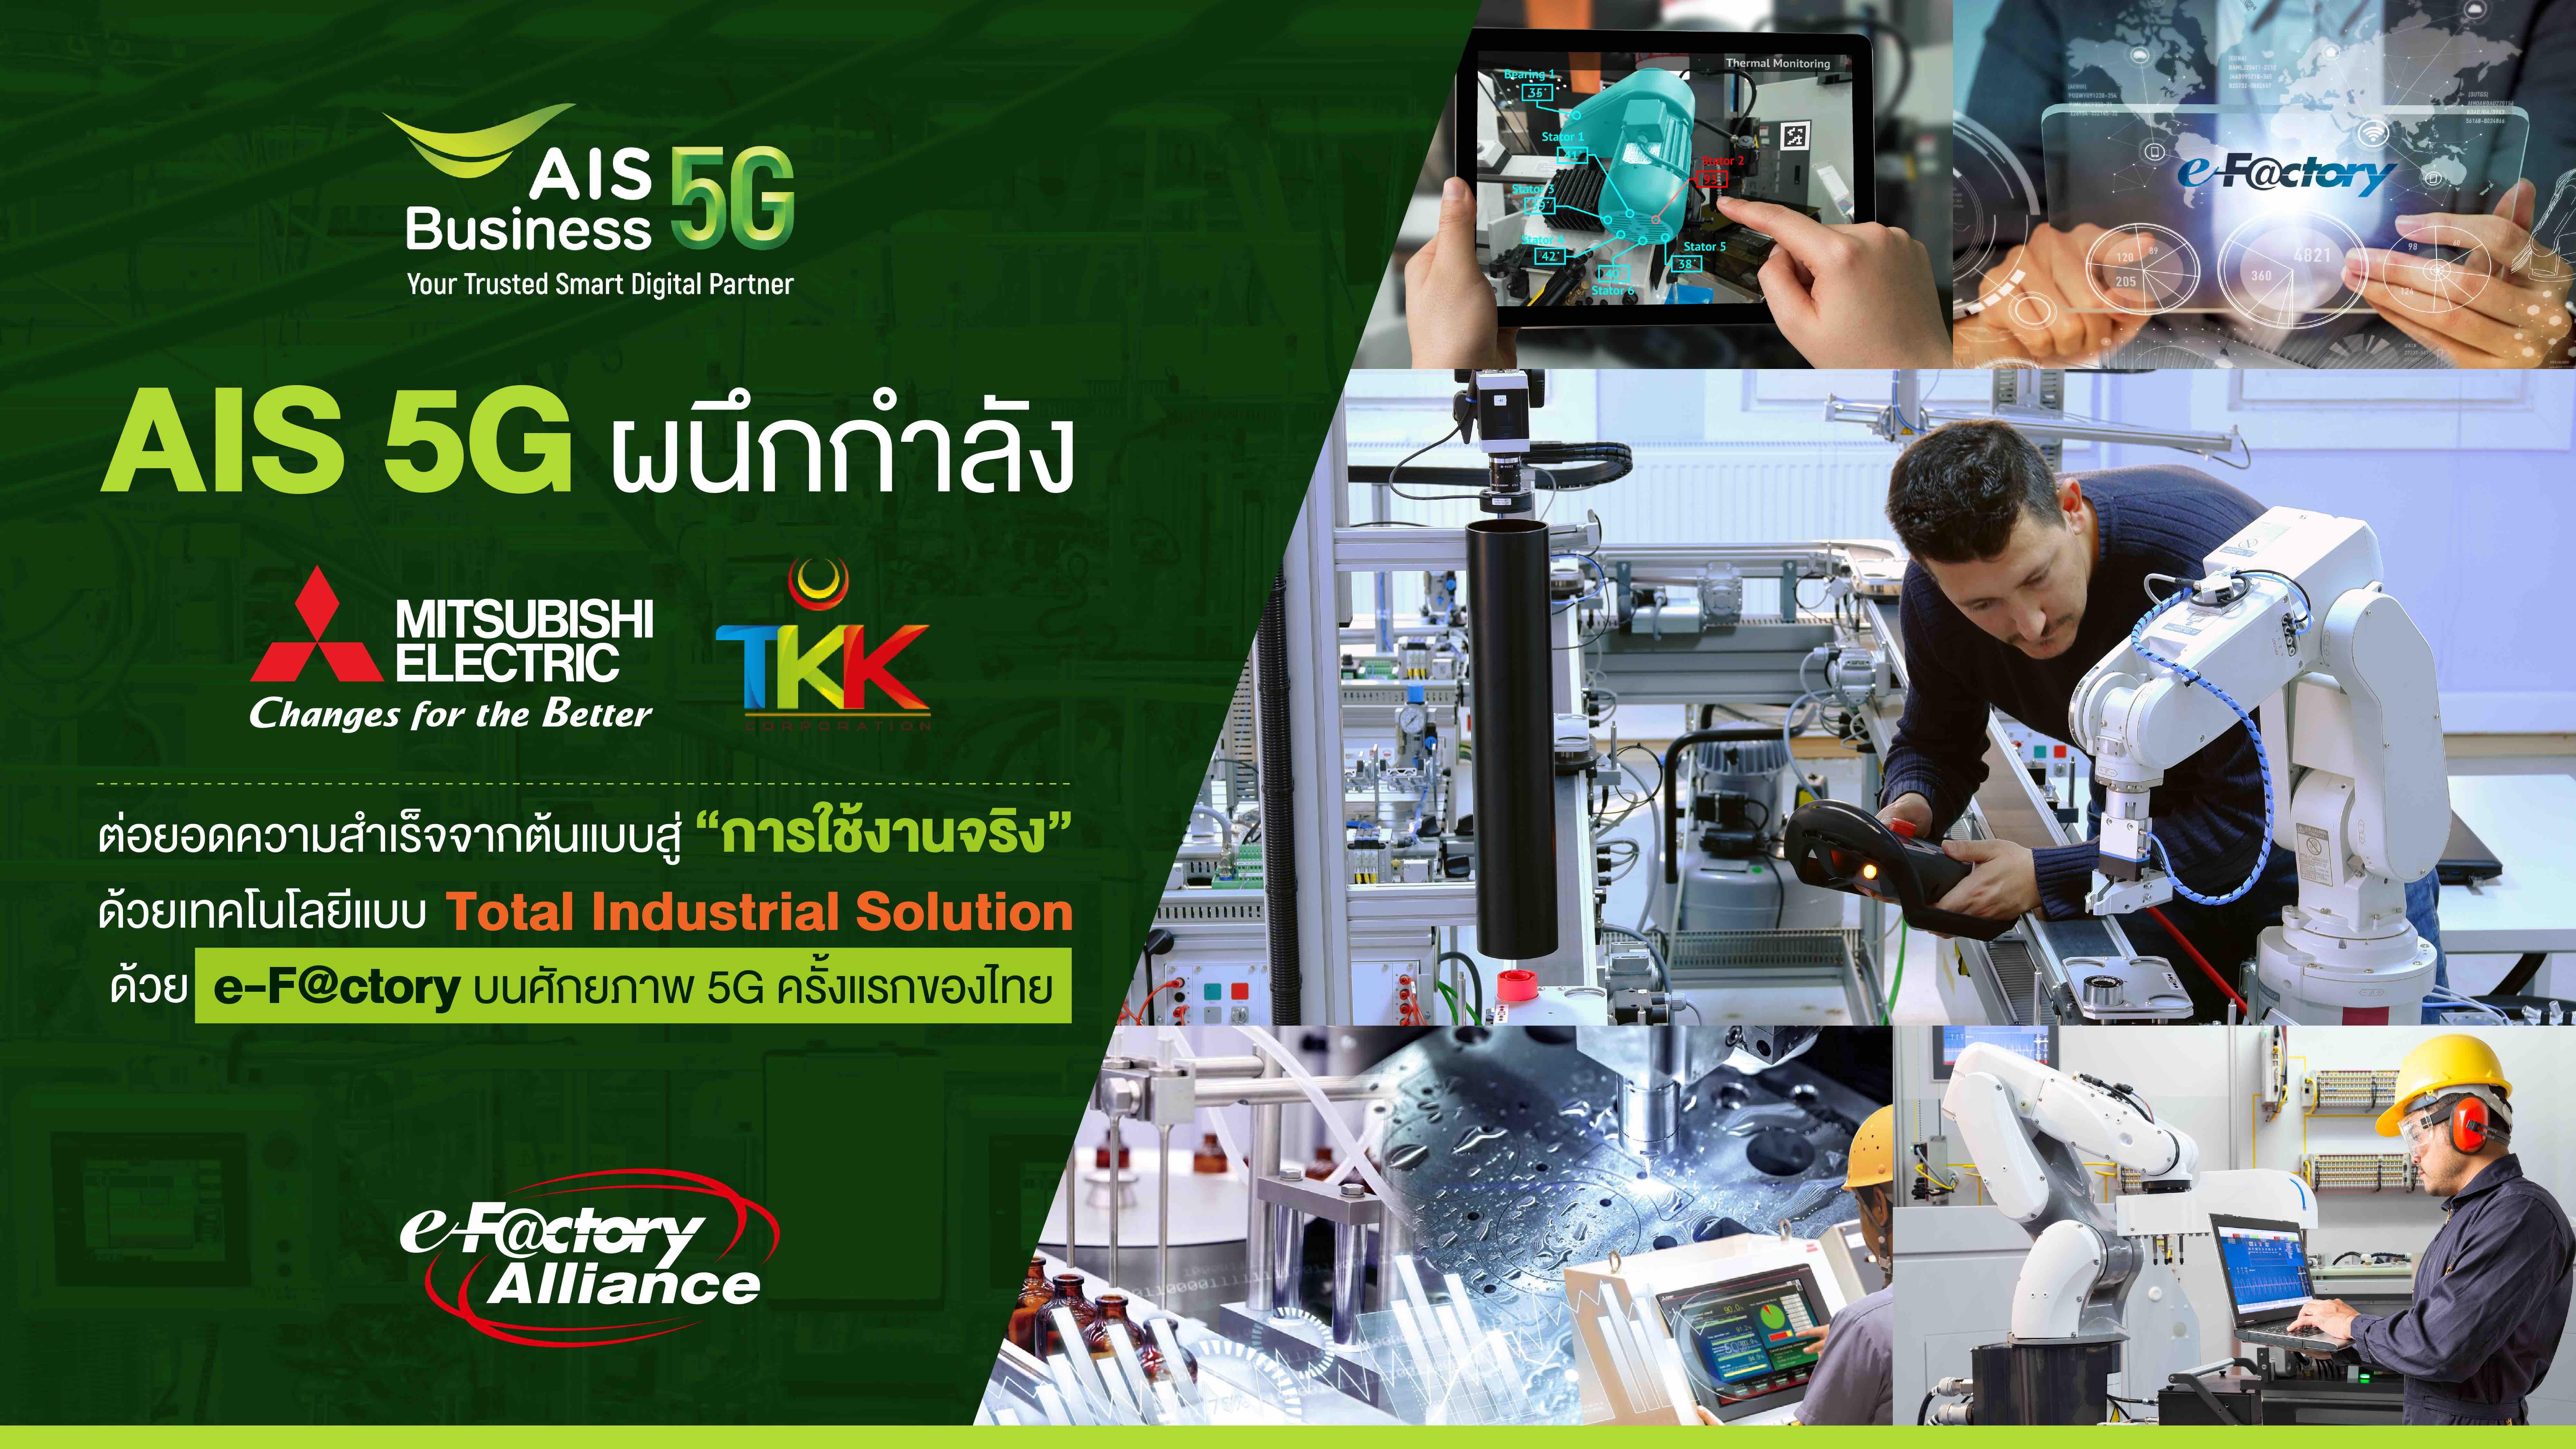 AIS 5G ผนึกกำลัง Mitsubishi Electric - TKK ทีเคเค เปิดเทคโนโลยี e-F@ctory บนศักยภาพ 5G ครั้งแรกของไทย